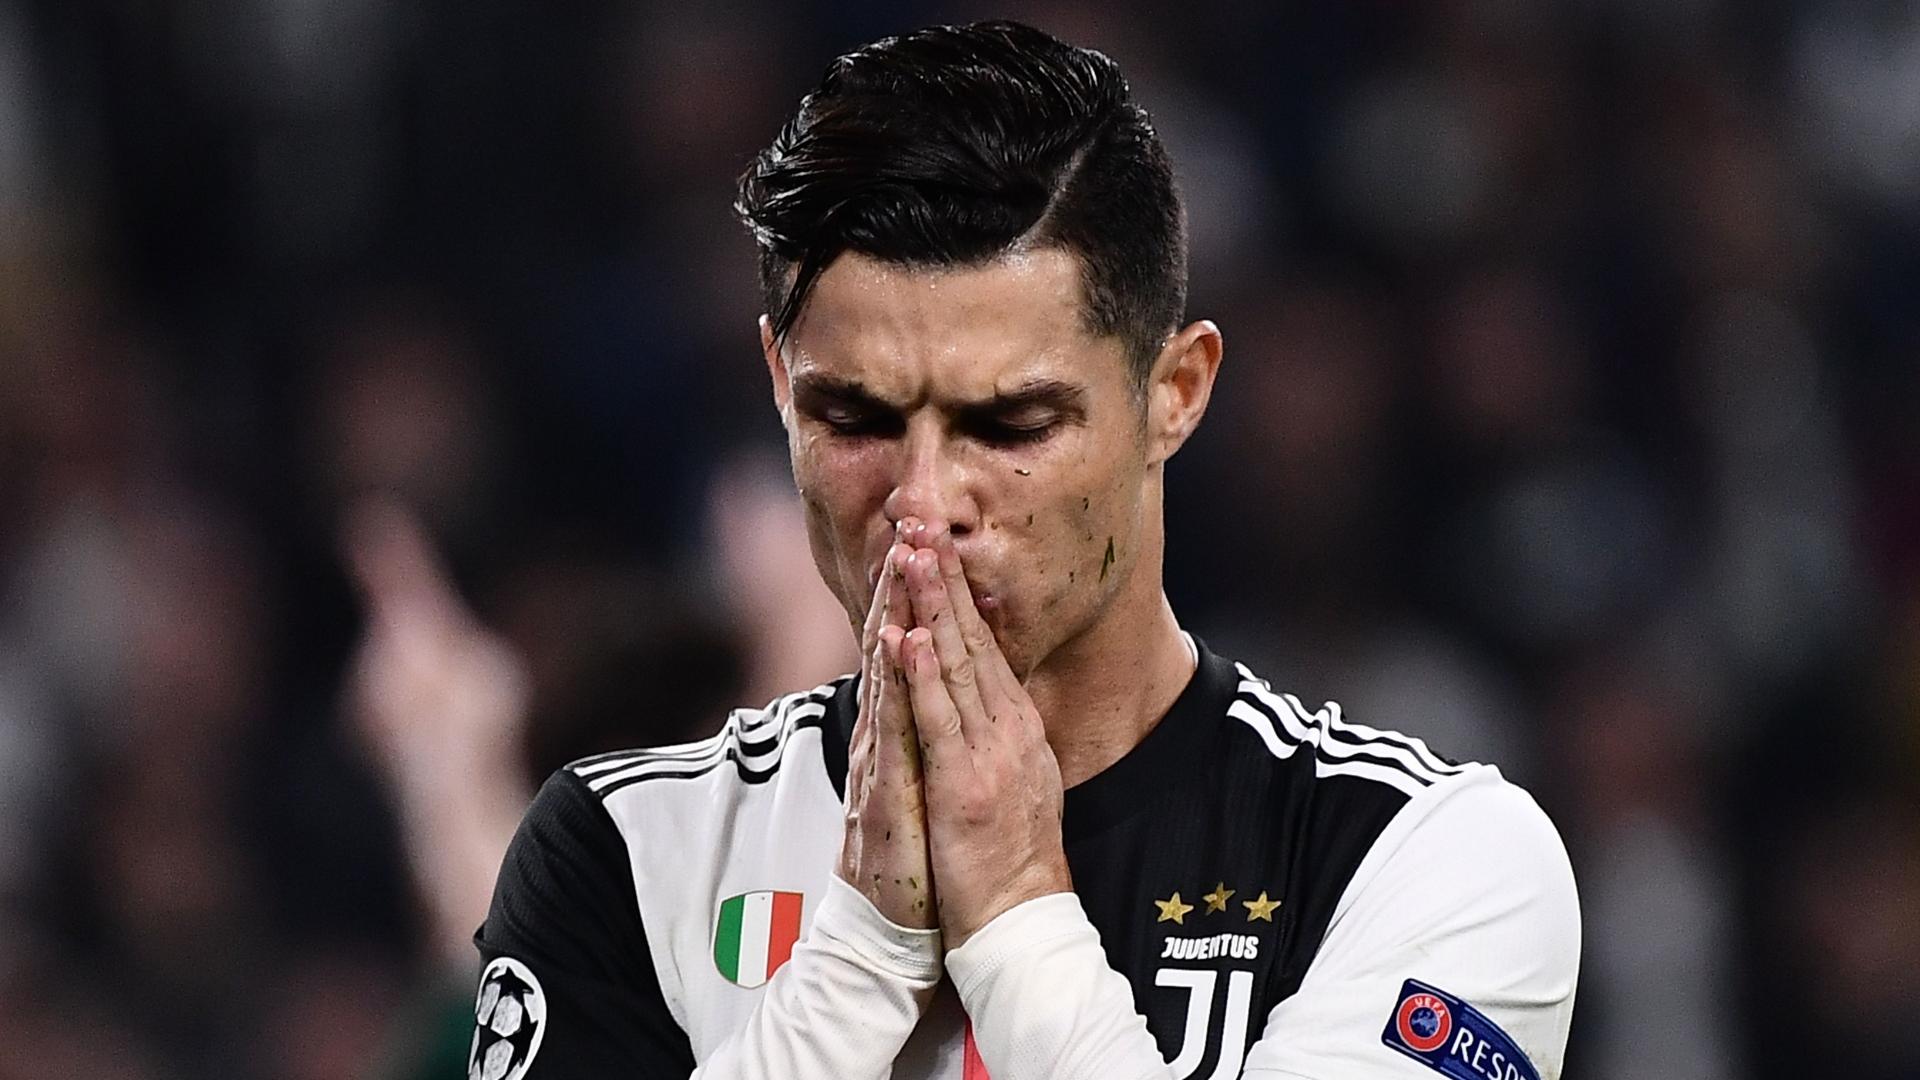 Cristiano Ronaldo attend toujours de marquer son premier coup franc à la Juve